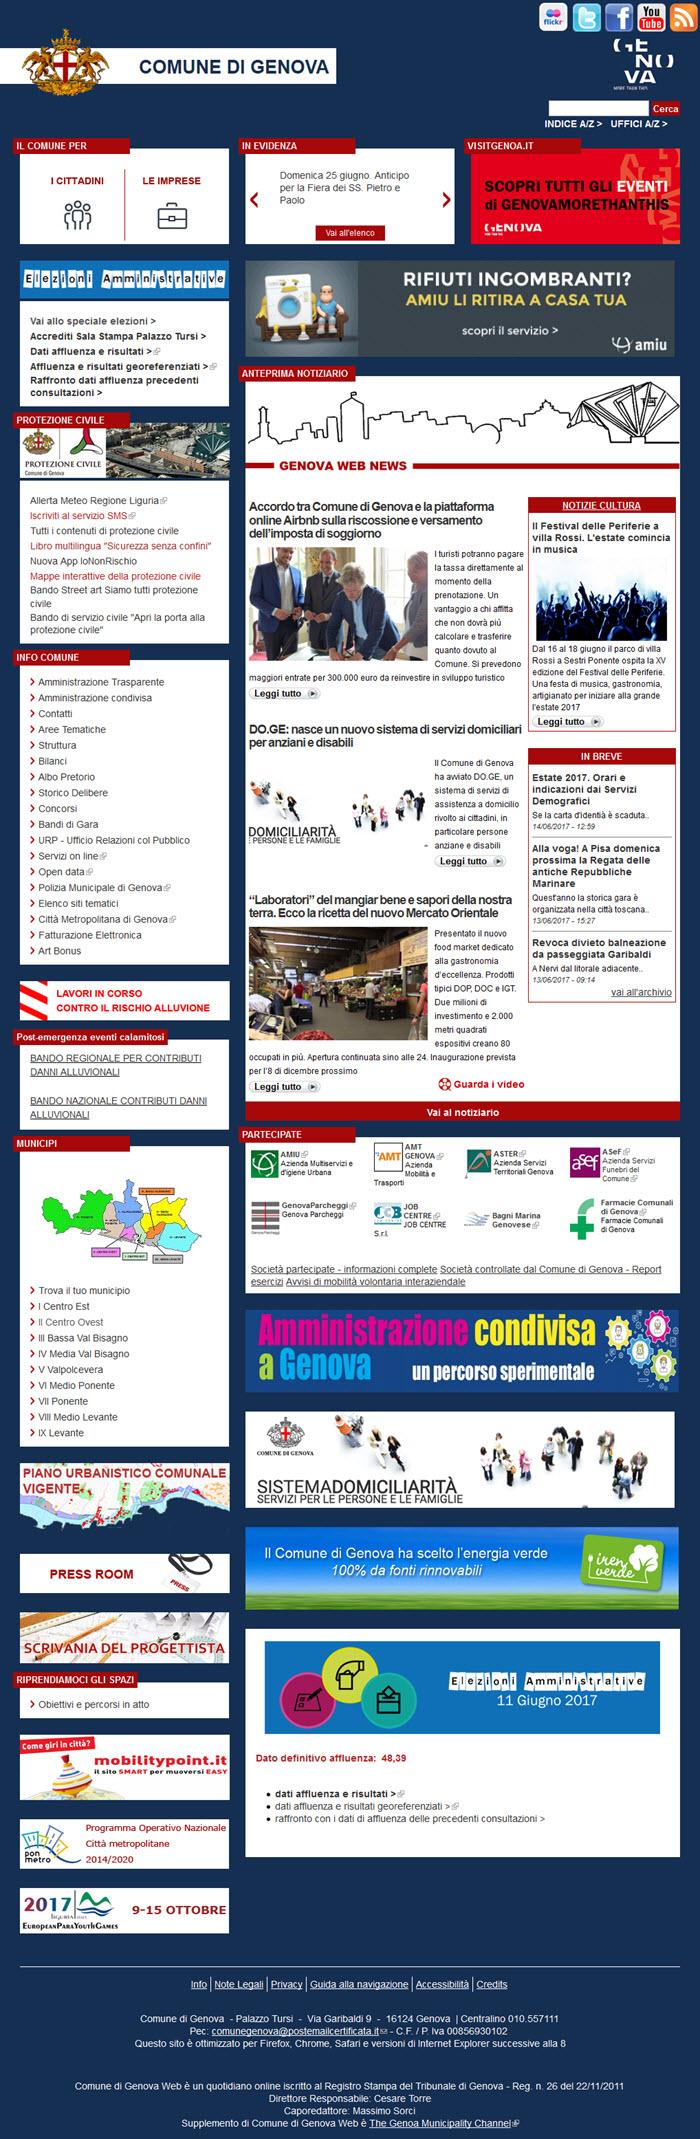 Il sito del Comune di Genova: nessuna newsletter